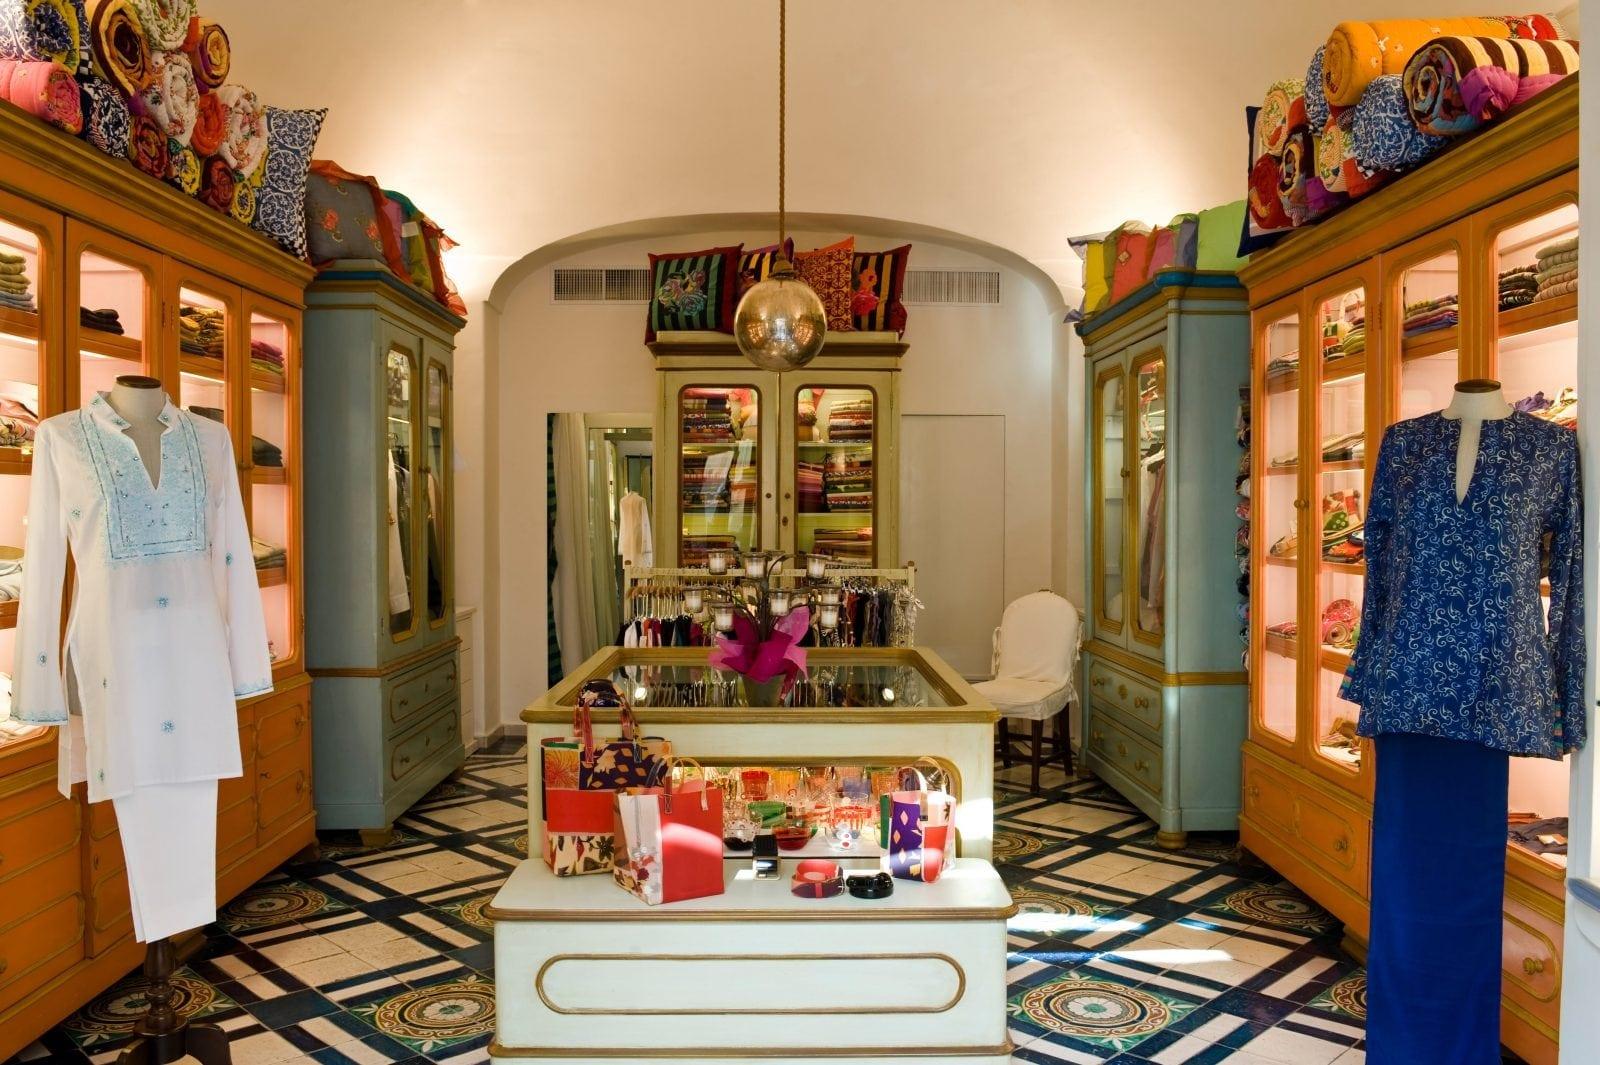 Hotel Le Sirenuse in Positano